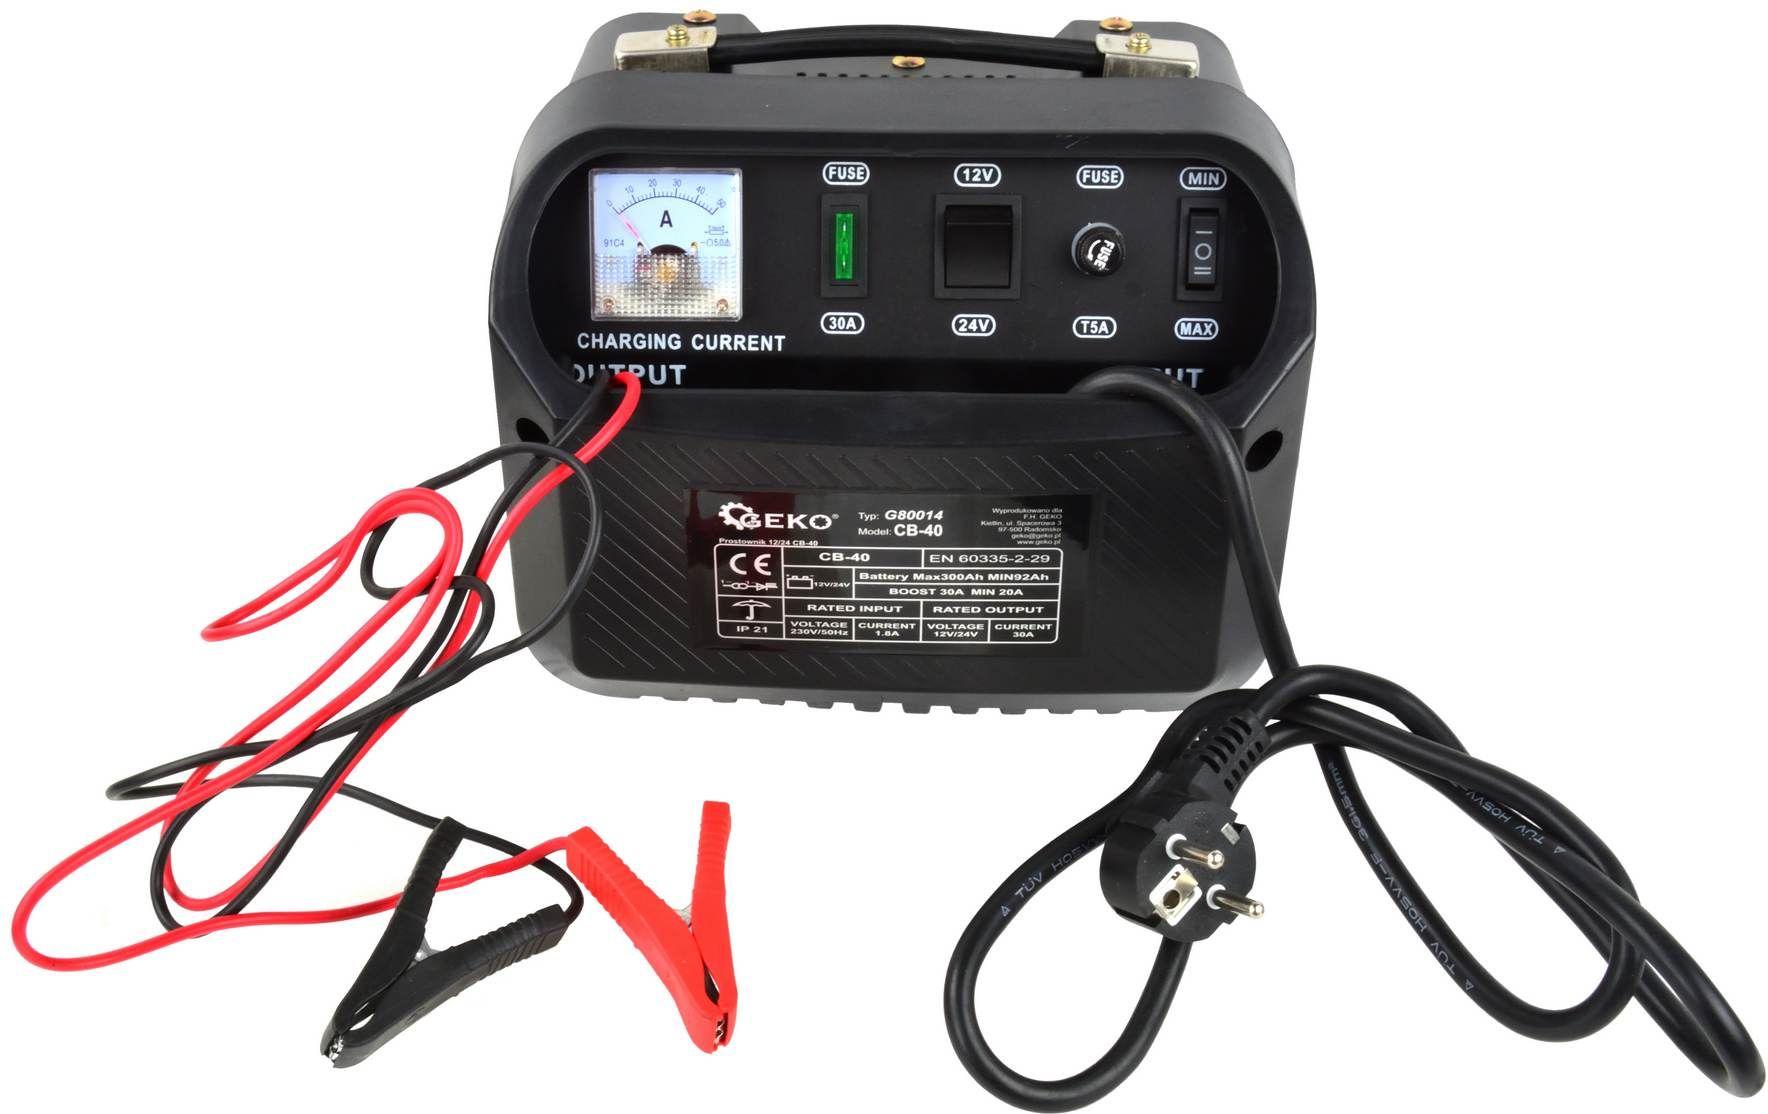 GEKO Prostownik 12/24V  CB-40(1) 4829396 auto akumulatoru lādētājs